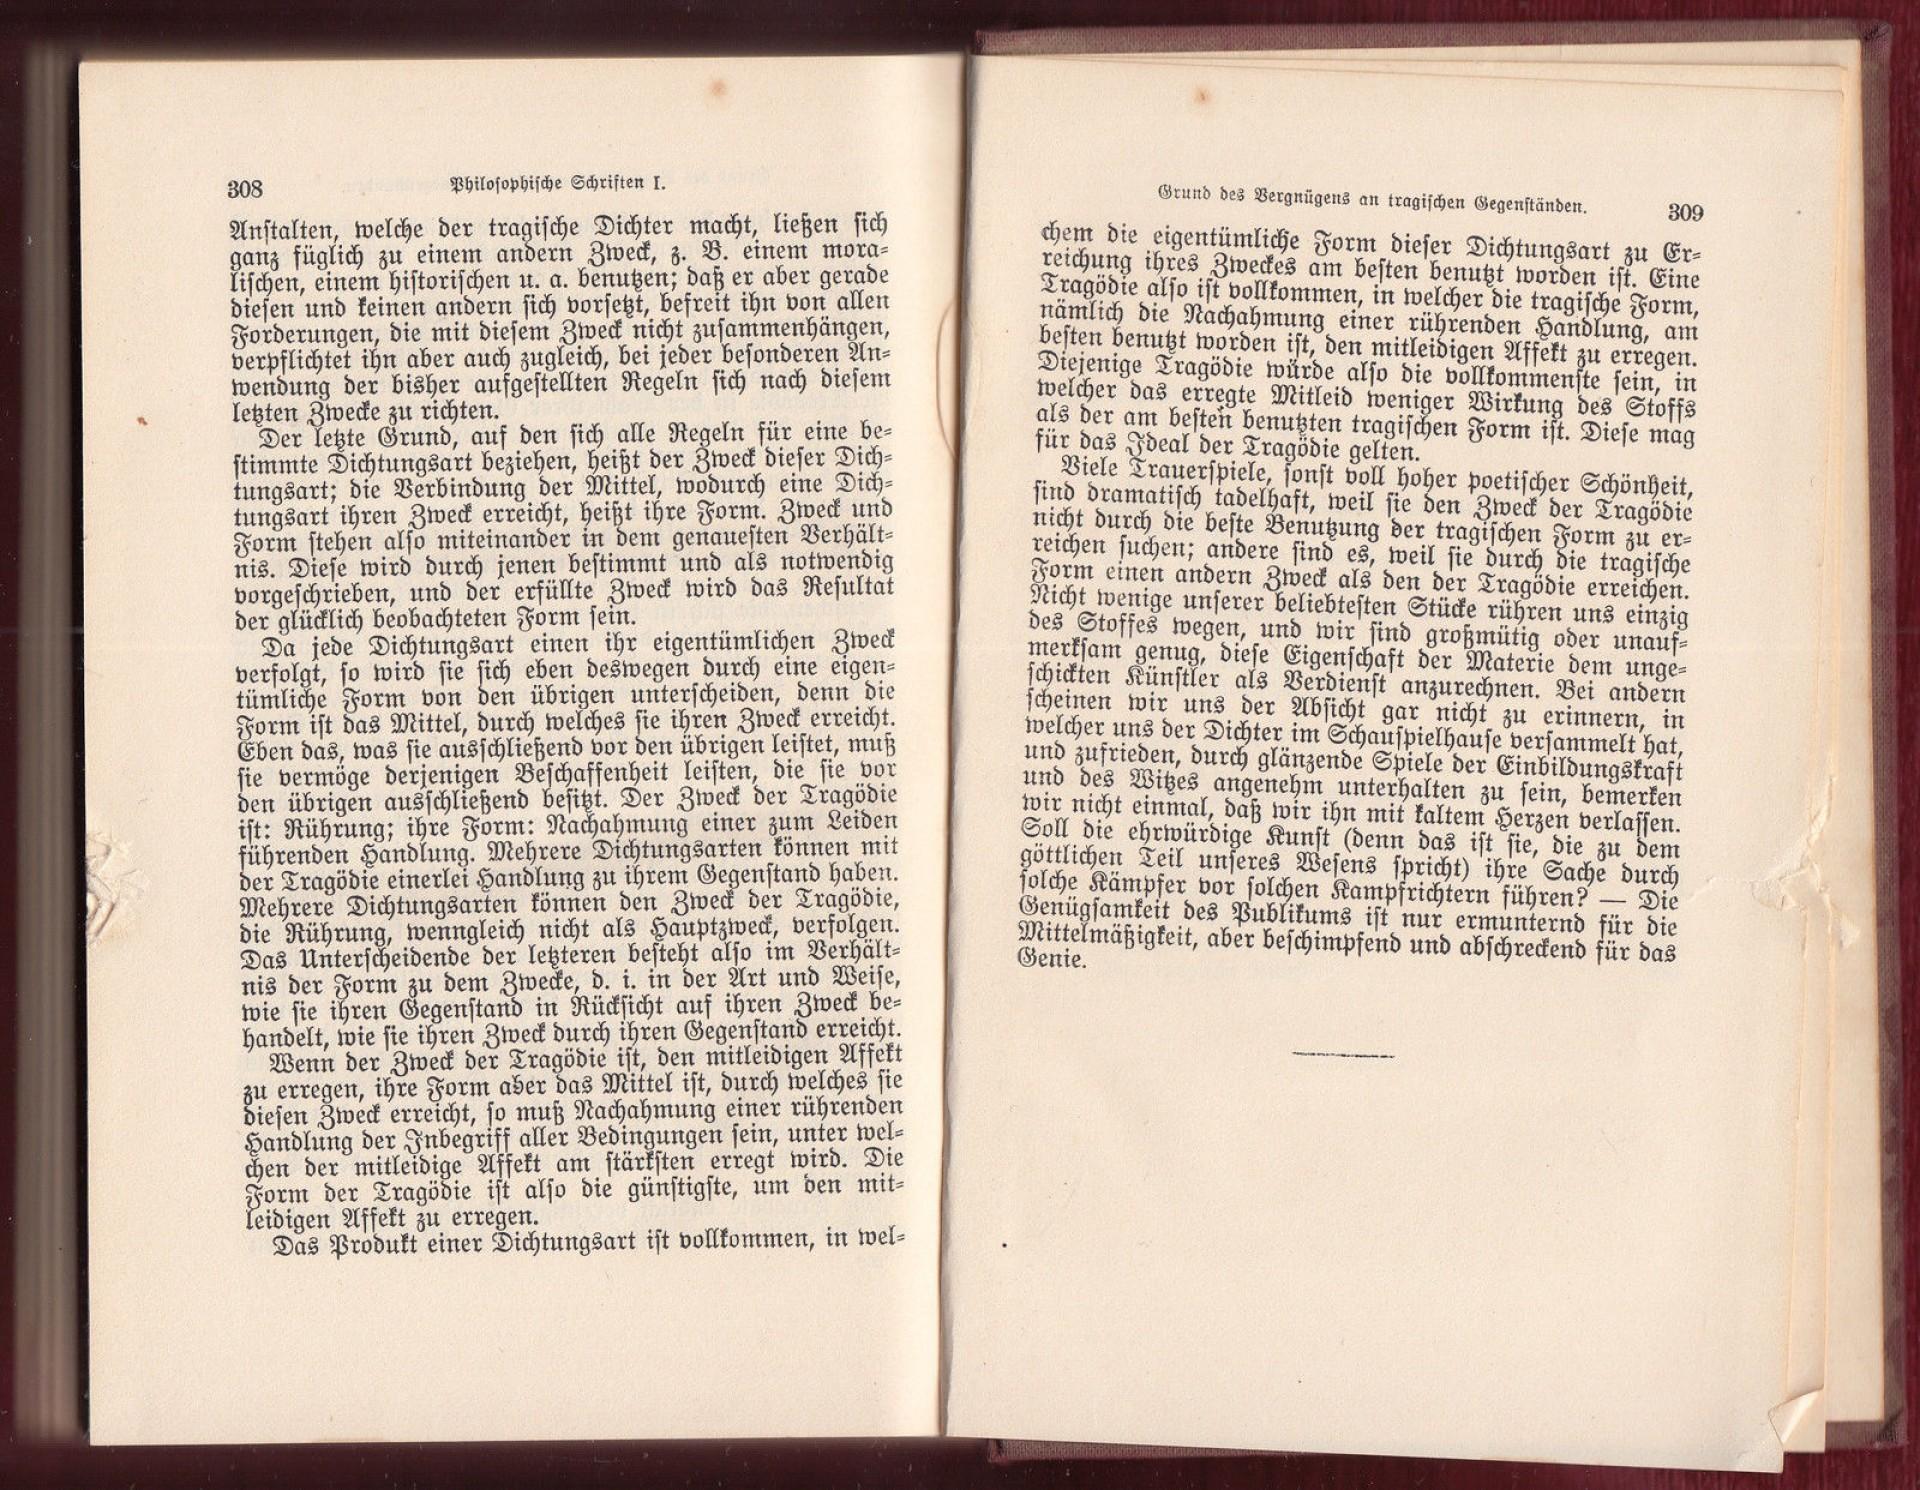 006 Friedrich Schiller Schriften Vol Werke Ger Philosophy History Essays Jpg Essay Awful 1920